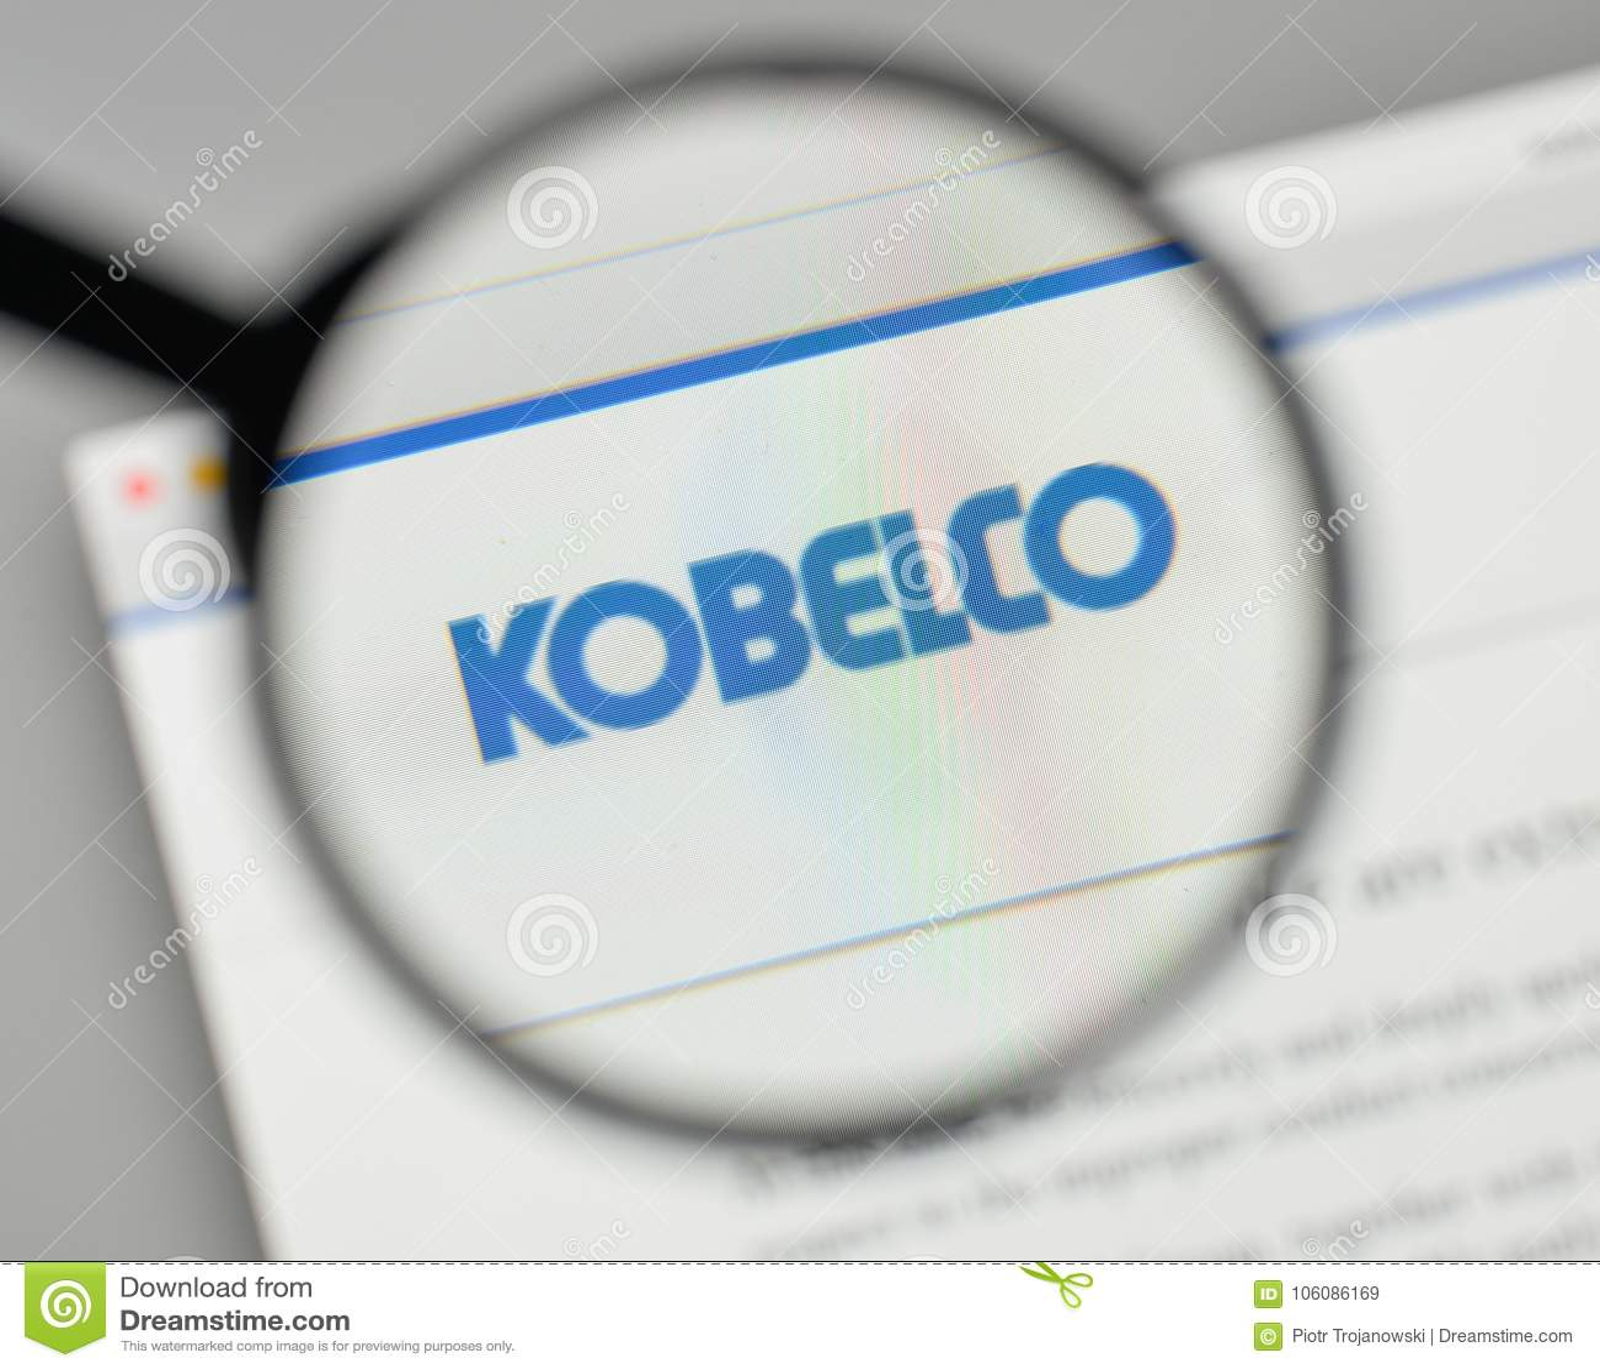 Milan, Italy - November 1, 2017: Kobe Steel Kobelco Japan